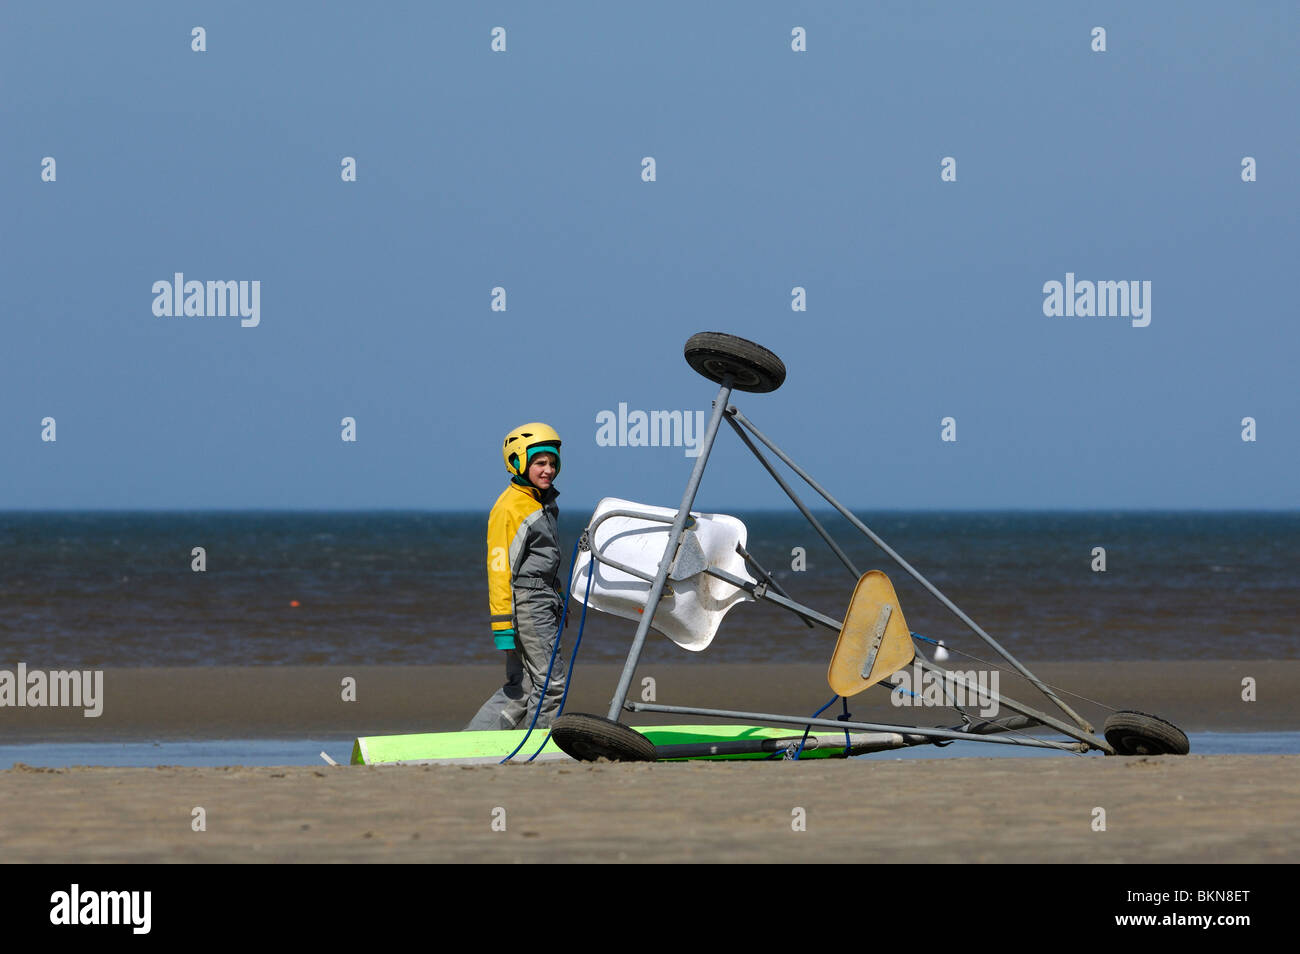 Avec L Enfant Chavire Sail Yacht Sable Wagon Char A Voile Sur La Plage De De Panne Belgique Photo Stock Alamy